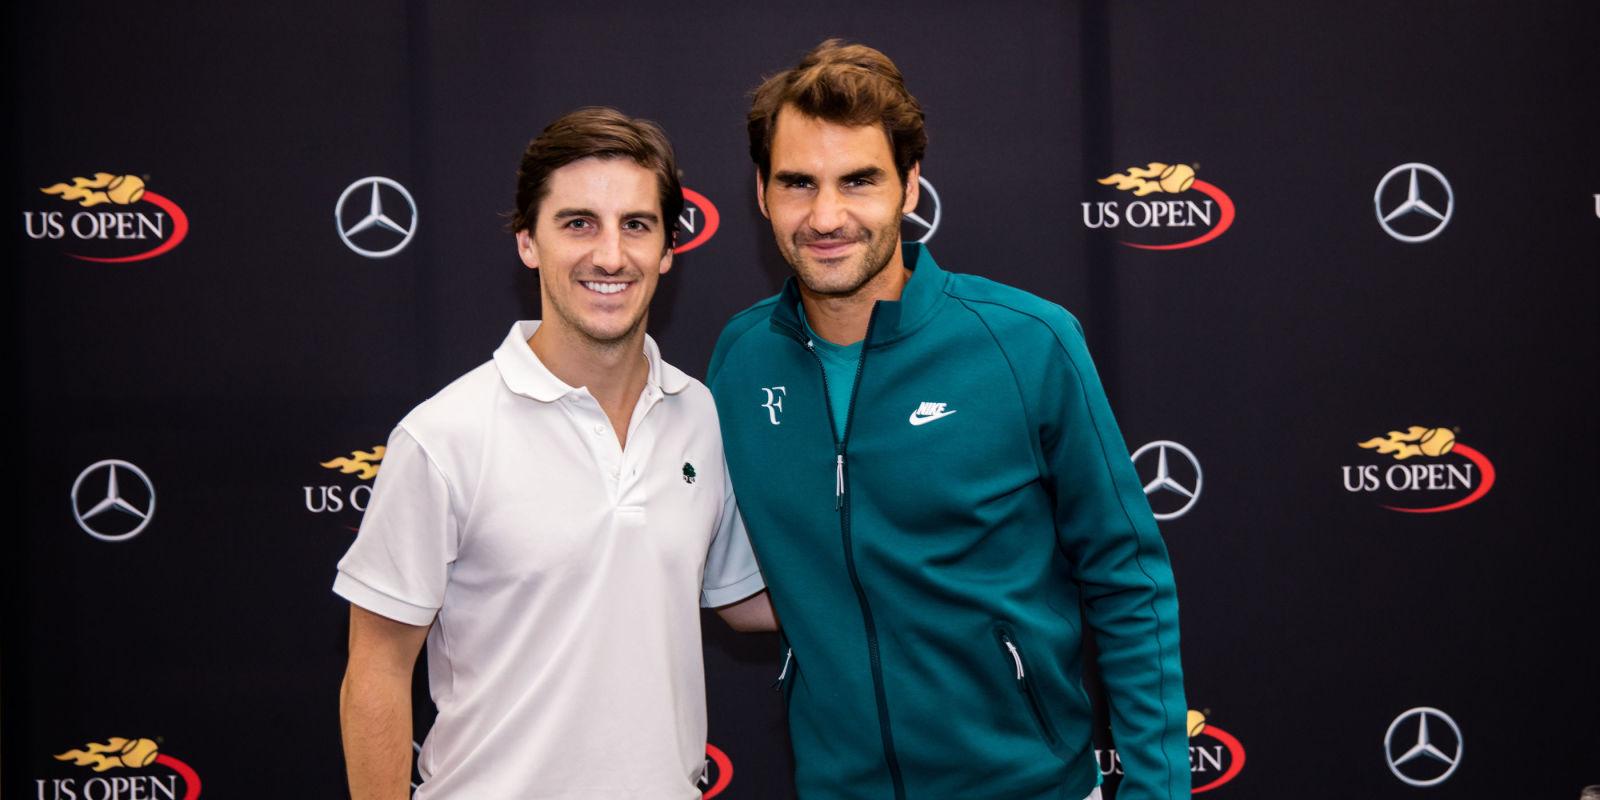 Roger federer mercedes benz tennis clinic roger federer for Mercedes benz us open